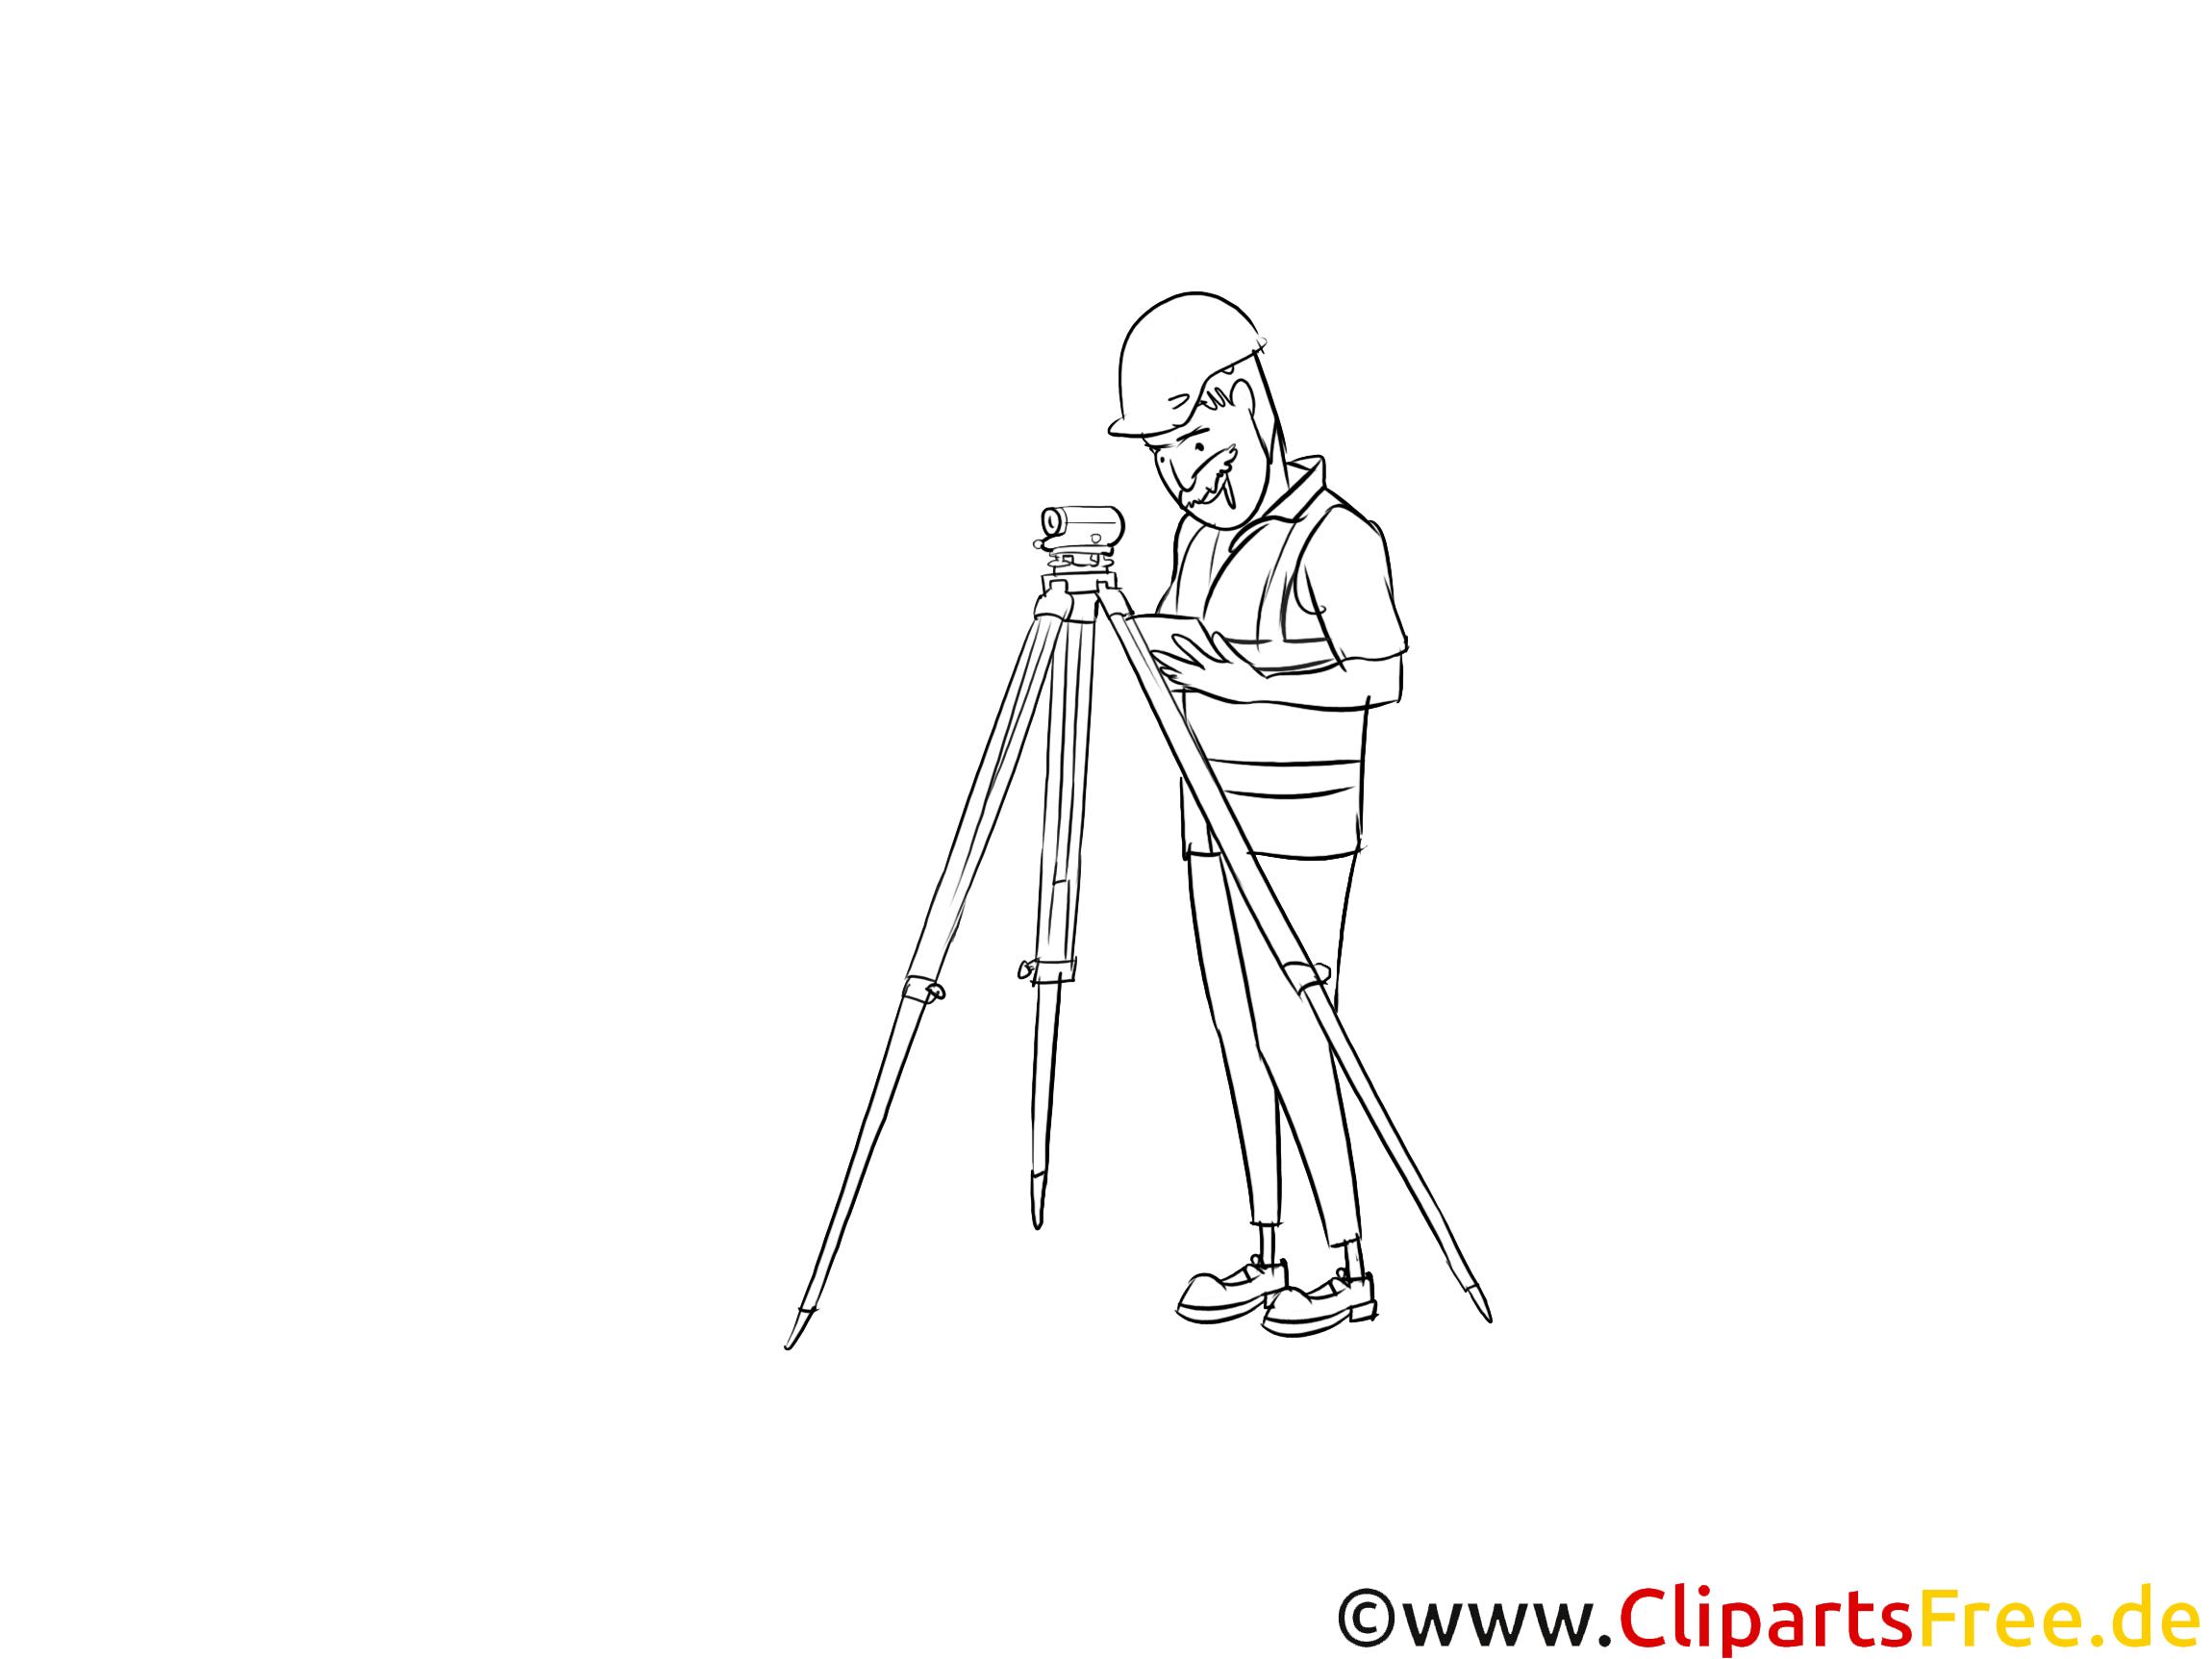 Ausbildung als Vermessungstechniker Clipart schwarz weiß